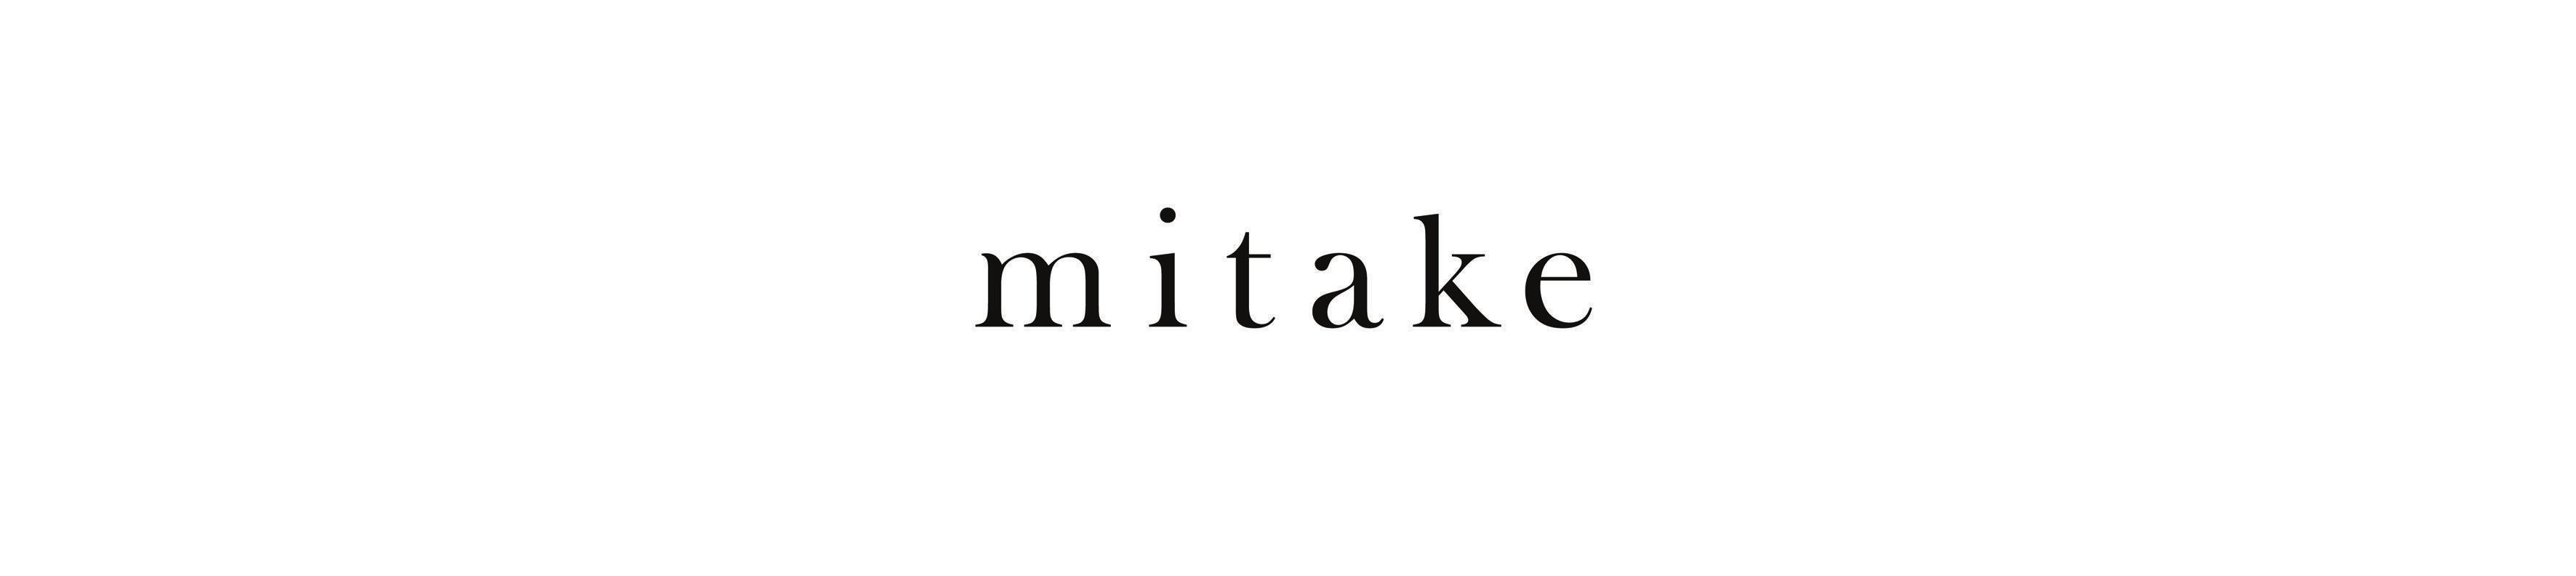 mitake